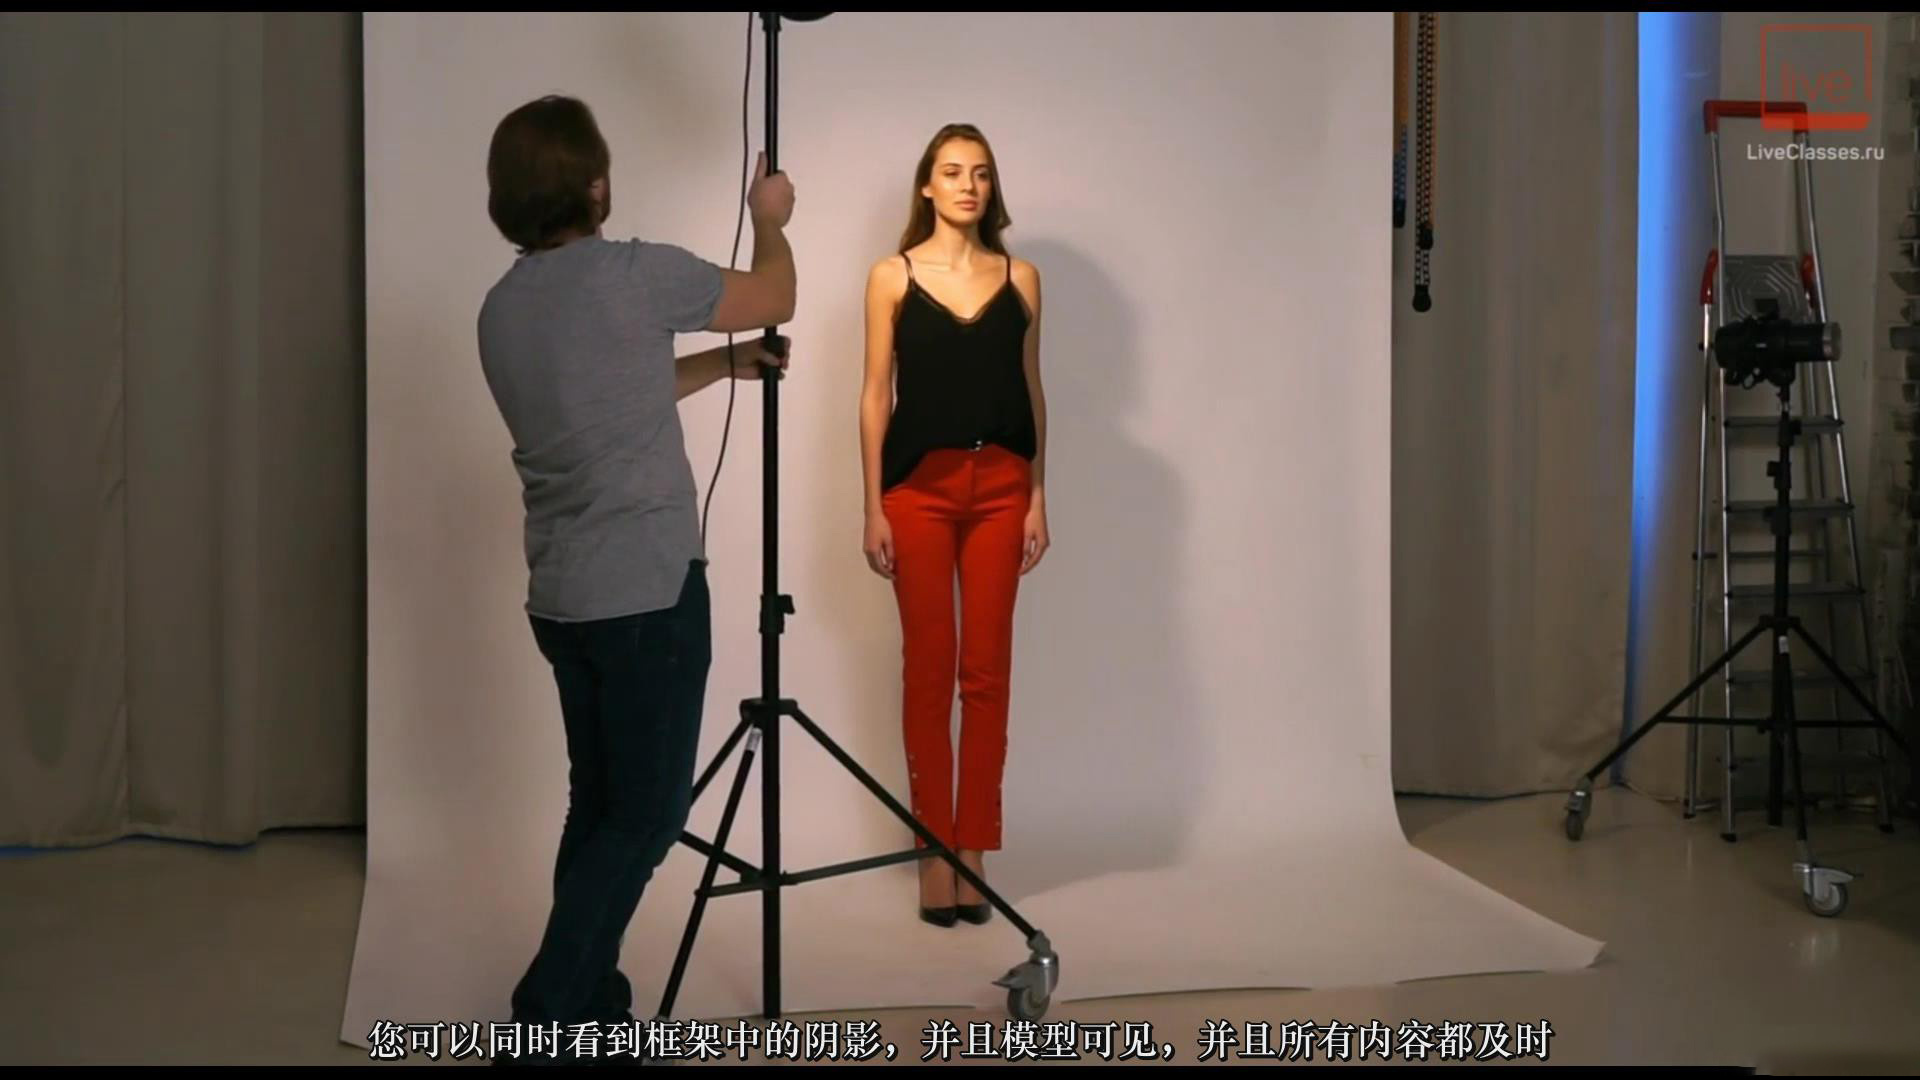 摄影教程_Liveclasses-Alexey Dovgulya使用强光或柔光拍摄酷炫工作室人像-中文字幕 摄影教程 _预览图3